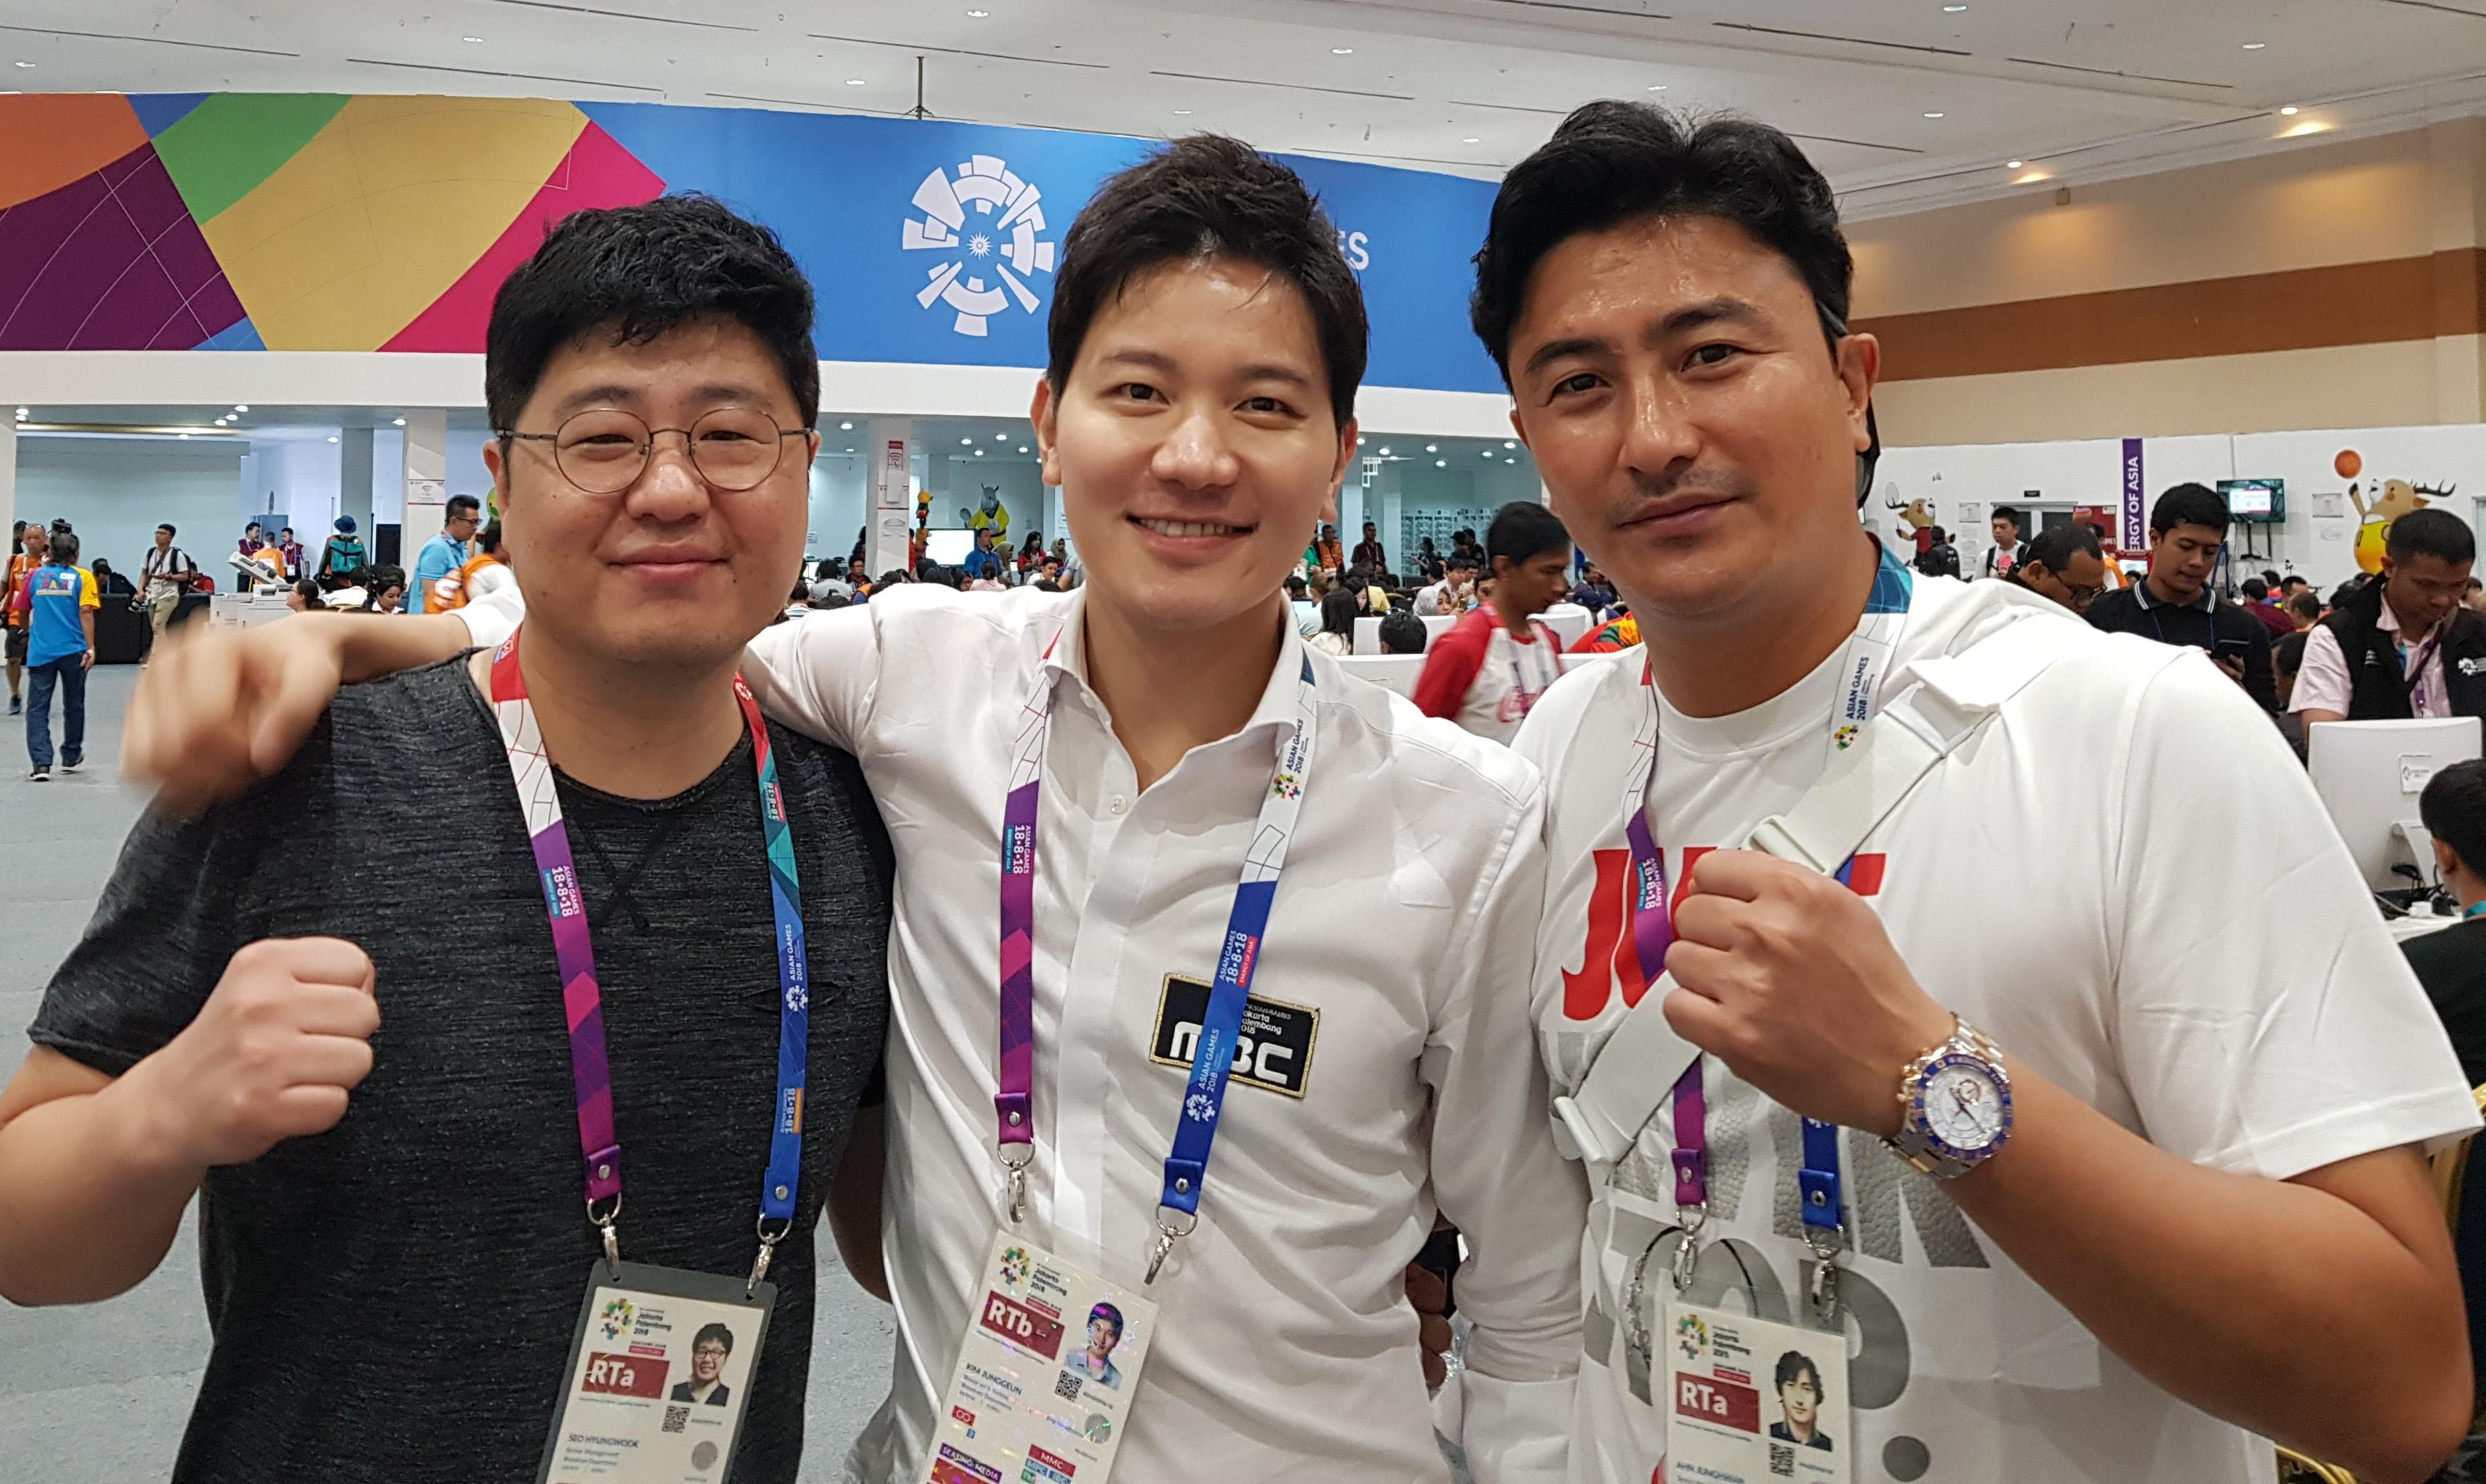 MBC, 저녁 8시30분부터 아시안게임 축구 결승 중계... 일본만 이기면 금메달!